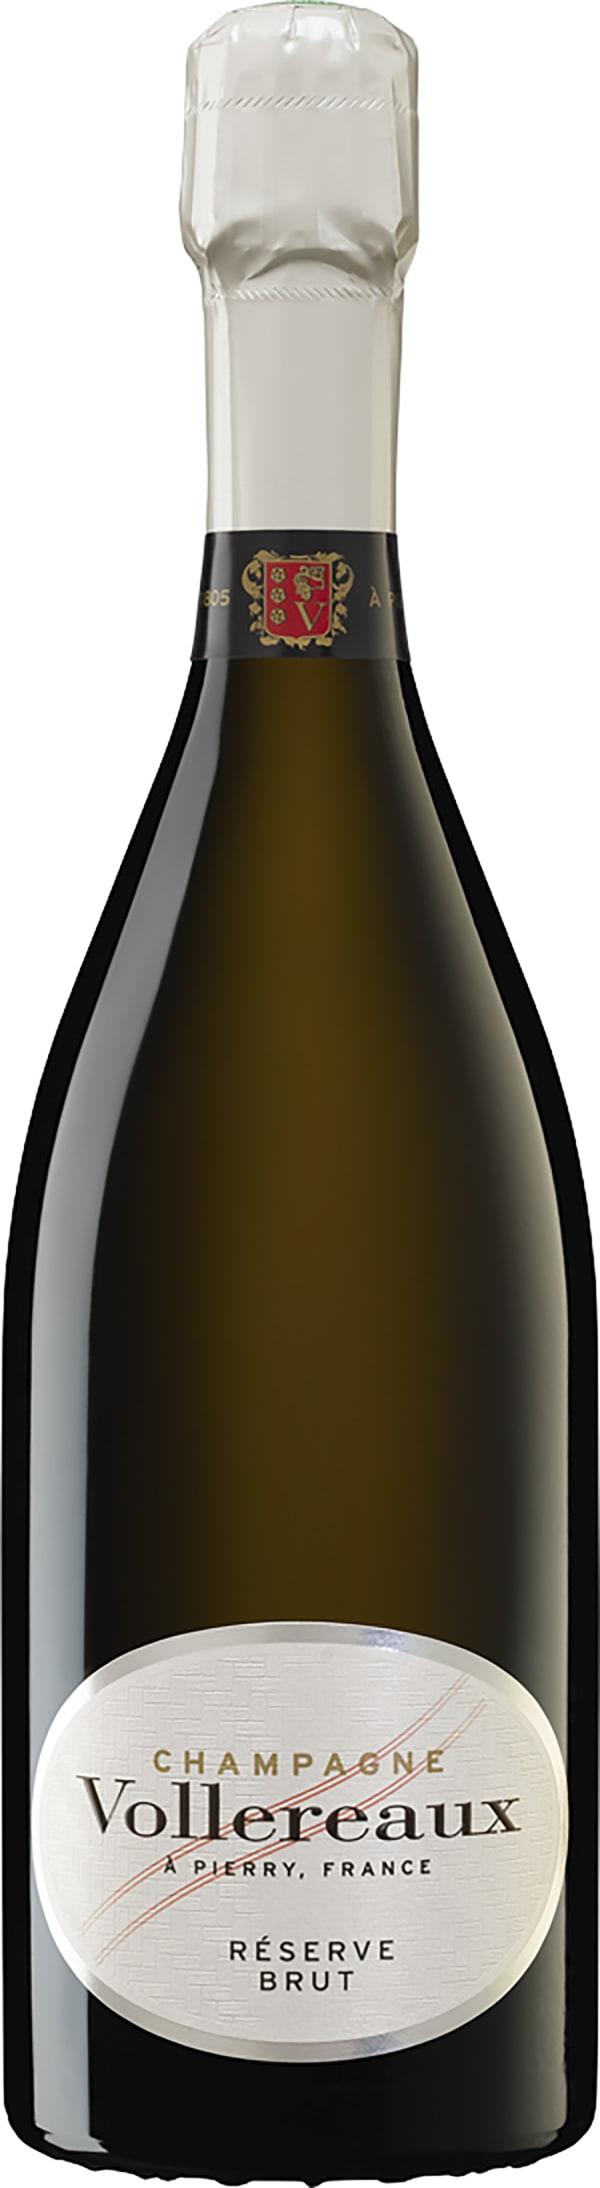 Vollereaux Réserve Champagne Brut